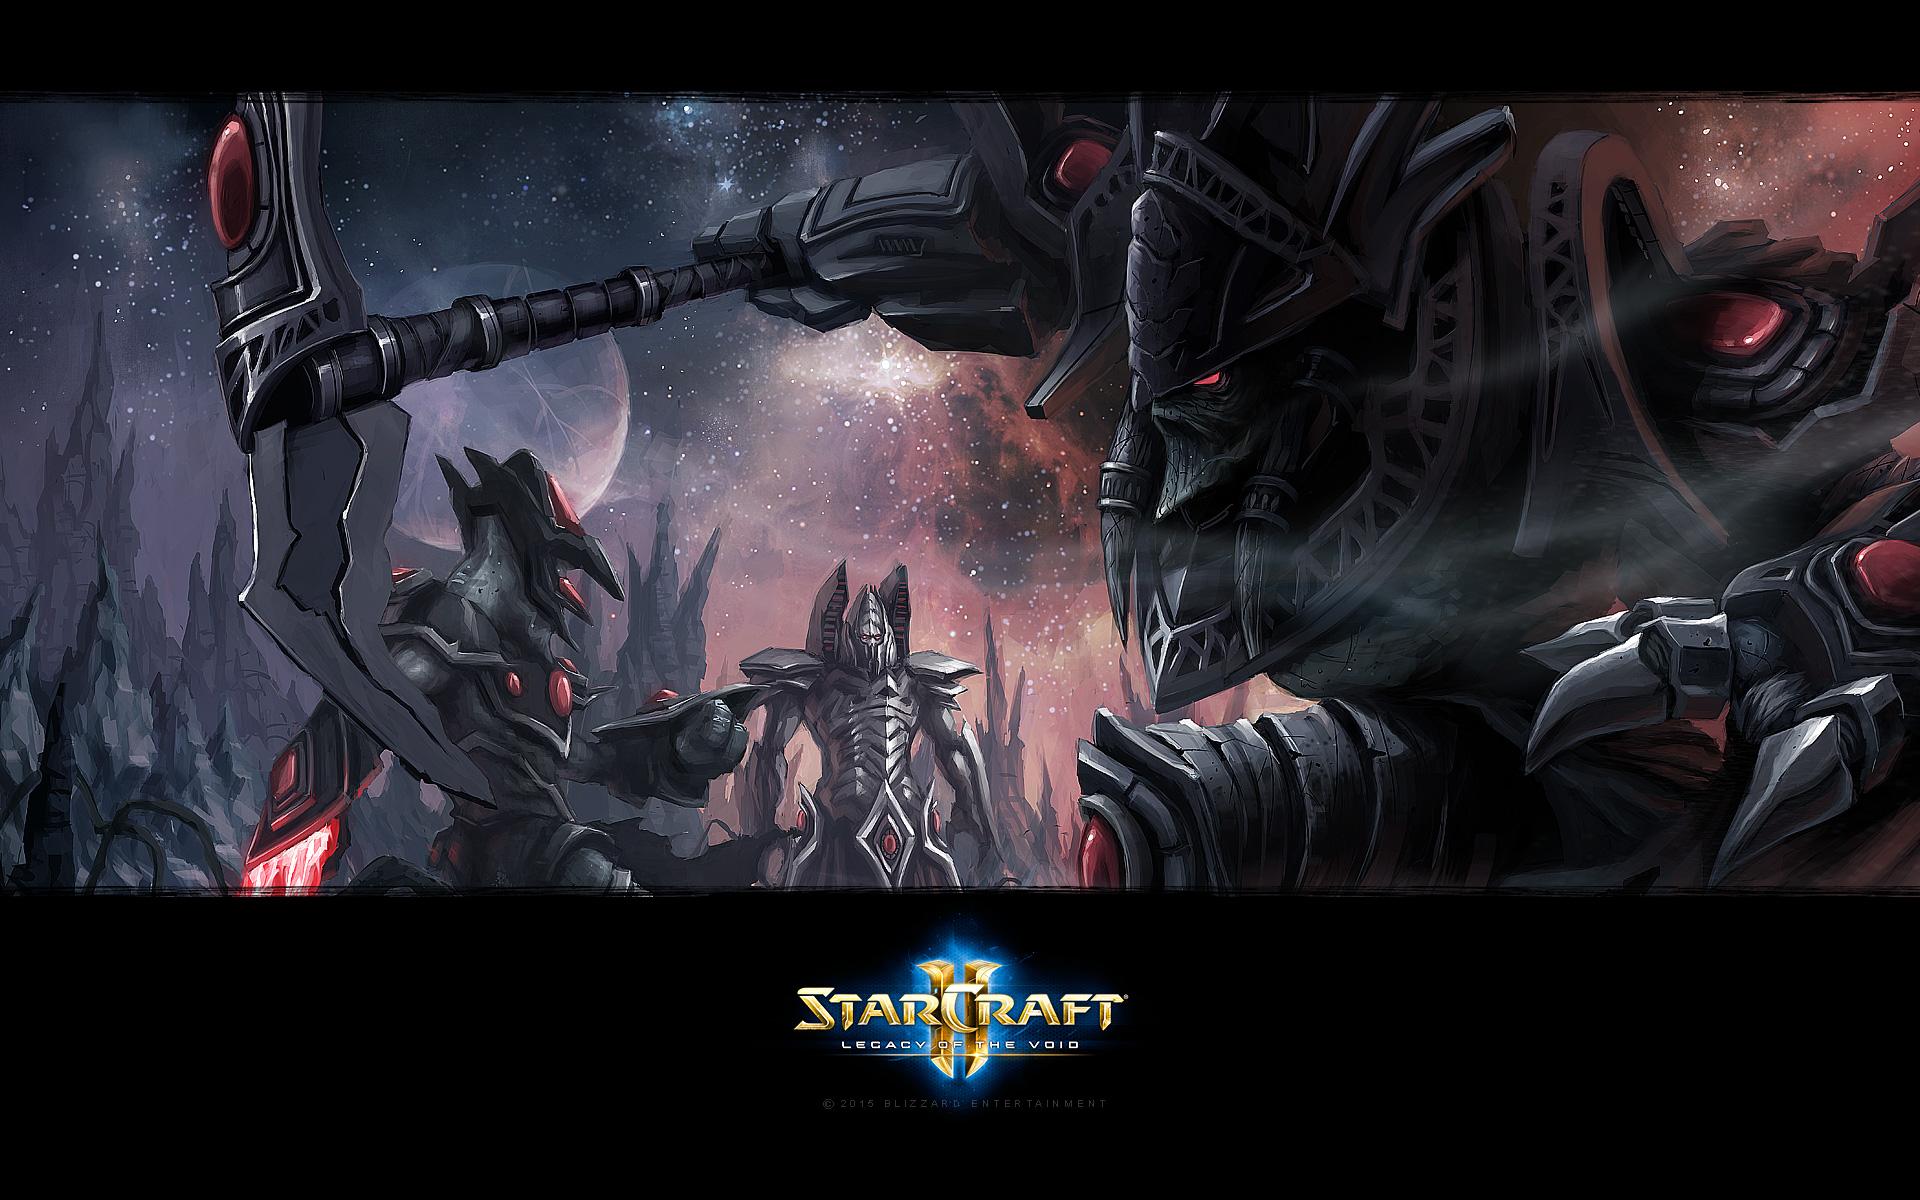 Wallpapers Media StarCraft II